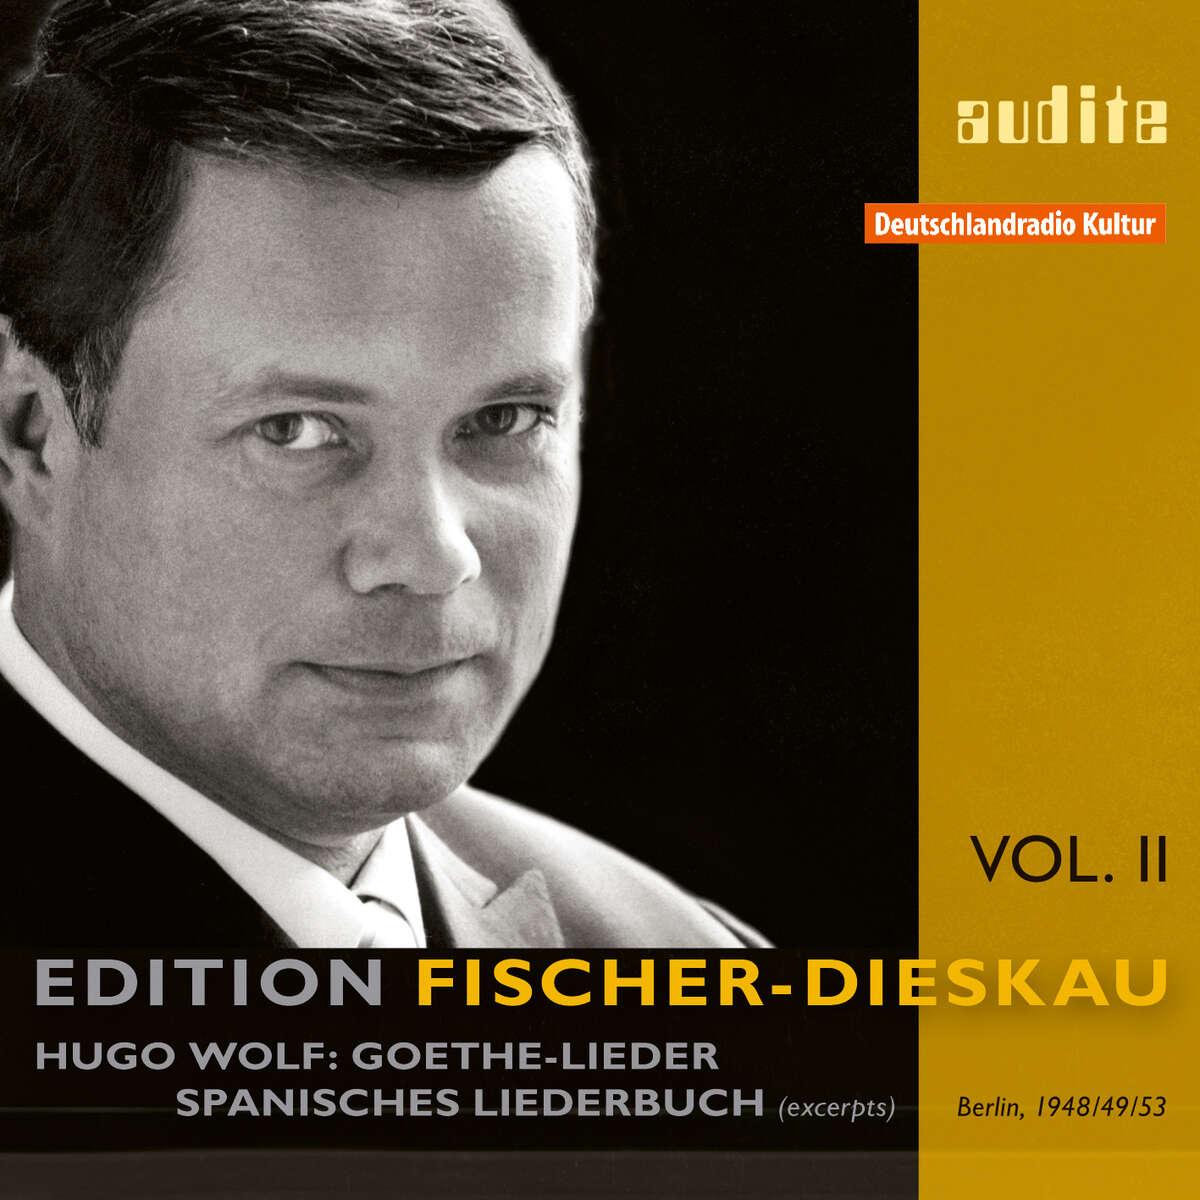 Edition Fischer-Dieskau (II) – H. Wolf: Goethe-Lieder | Spanisches Liederbuch